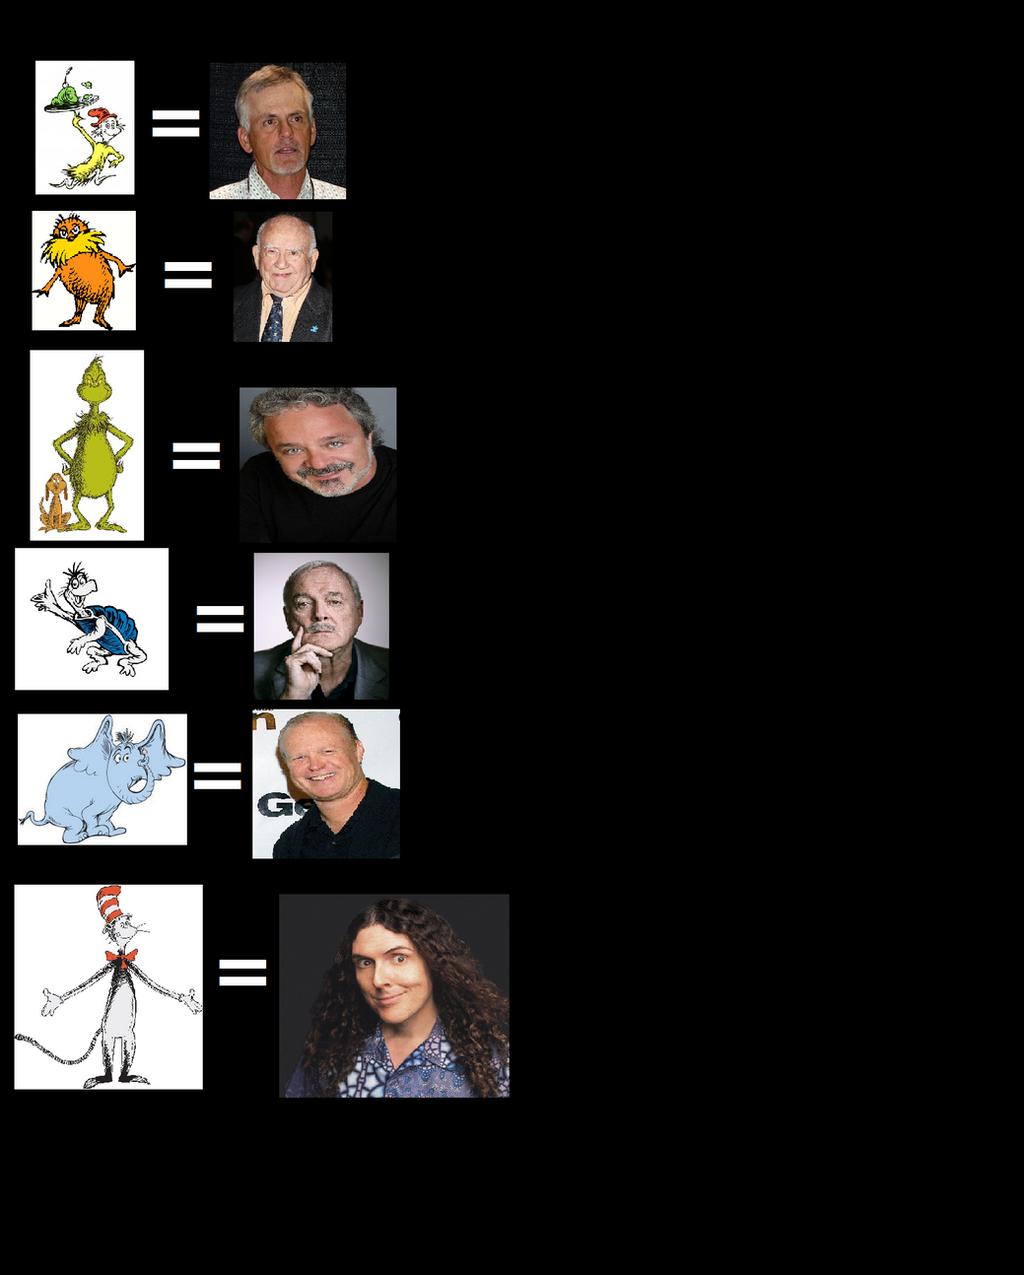 Voice acting meme: Dr. Seuss by JacobDSArt